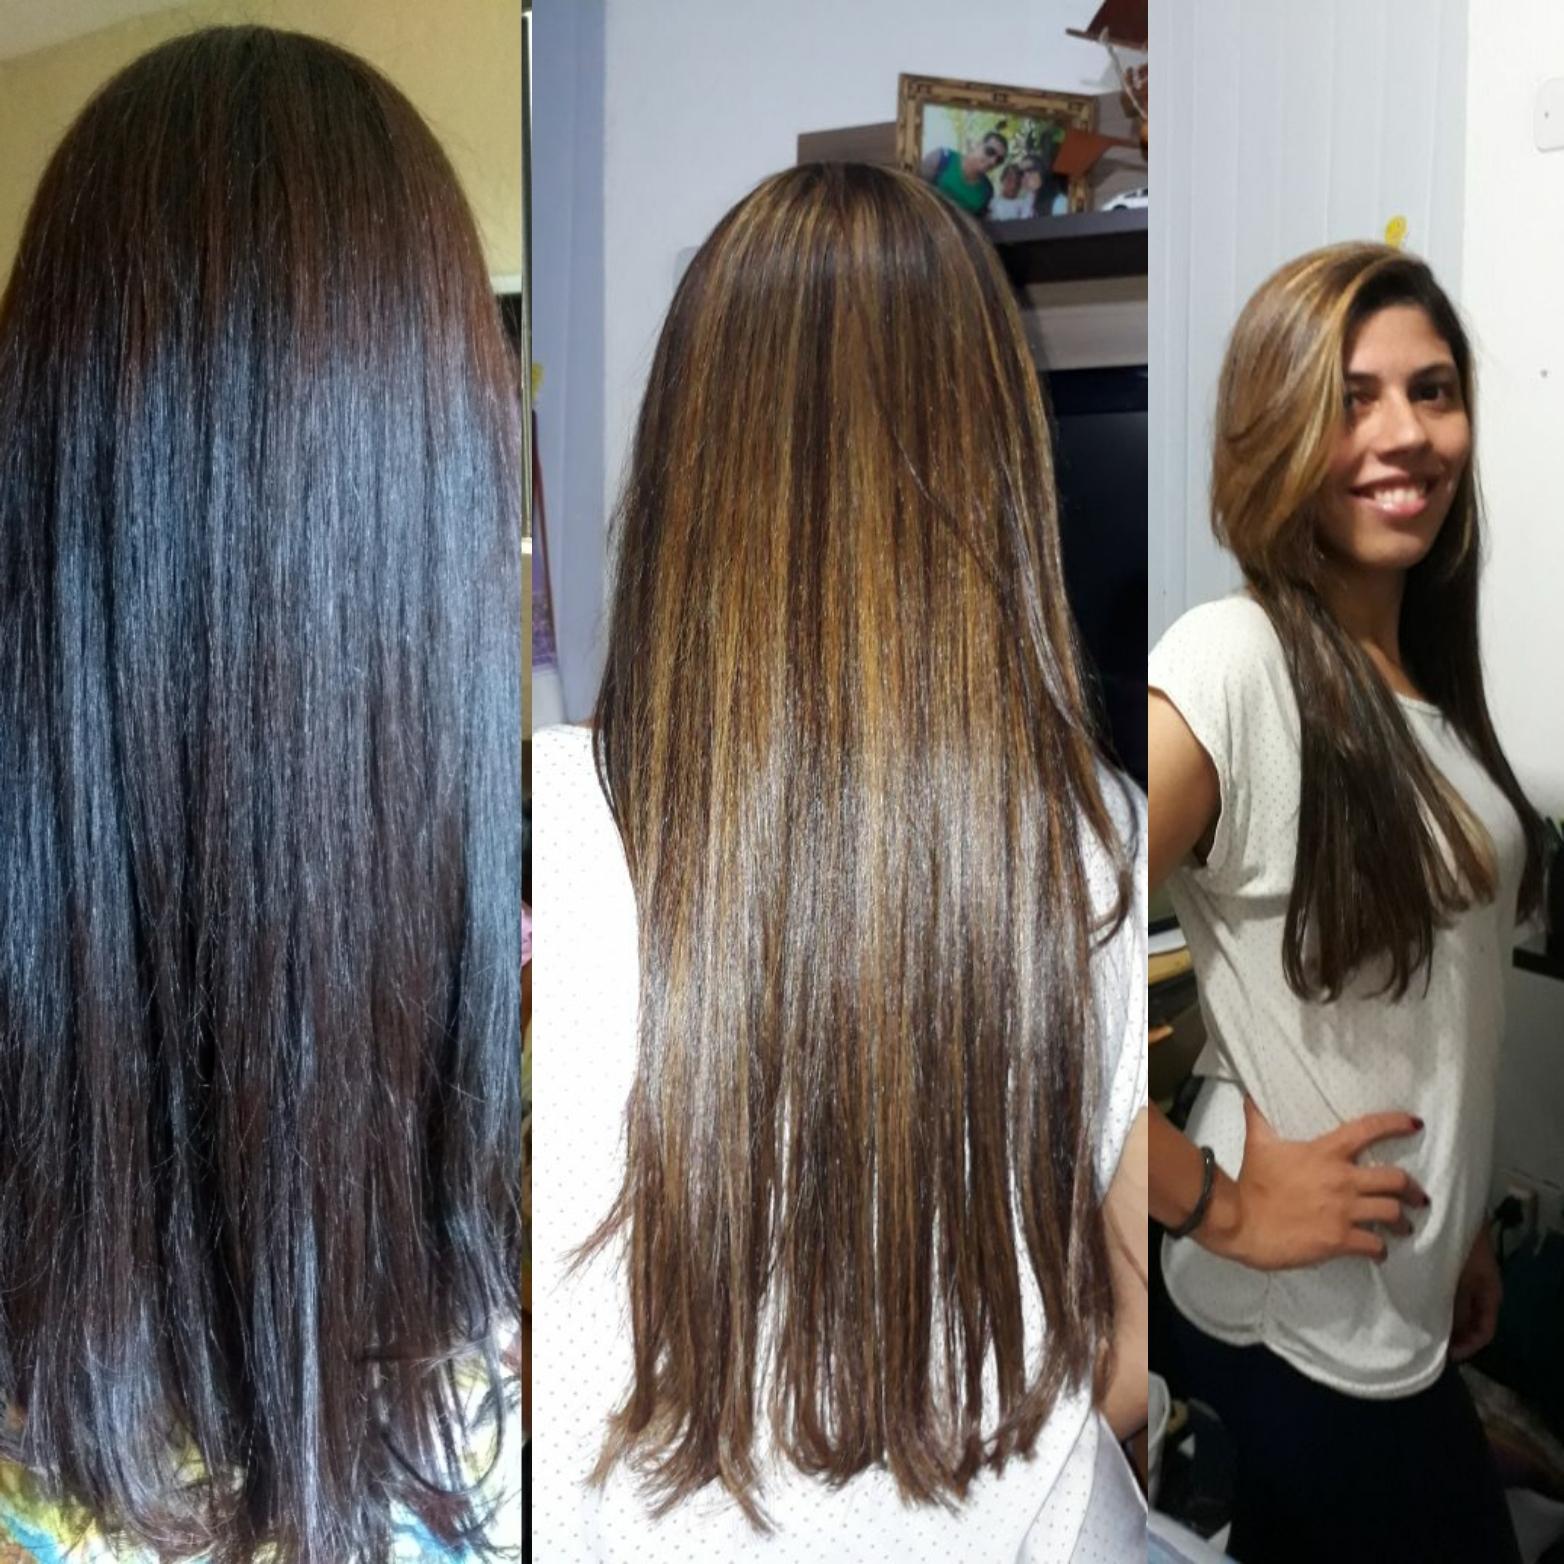 Este cabelo era um castanho escuro a cliente queria dar uma iluminada aos fios. E assim foi feito. cabelo estudante (cabeleireiro) auxiliar administrativo manicure e pedicure recepcionista